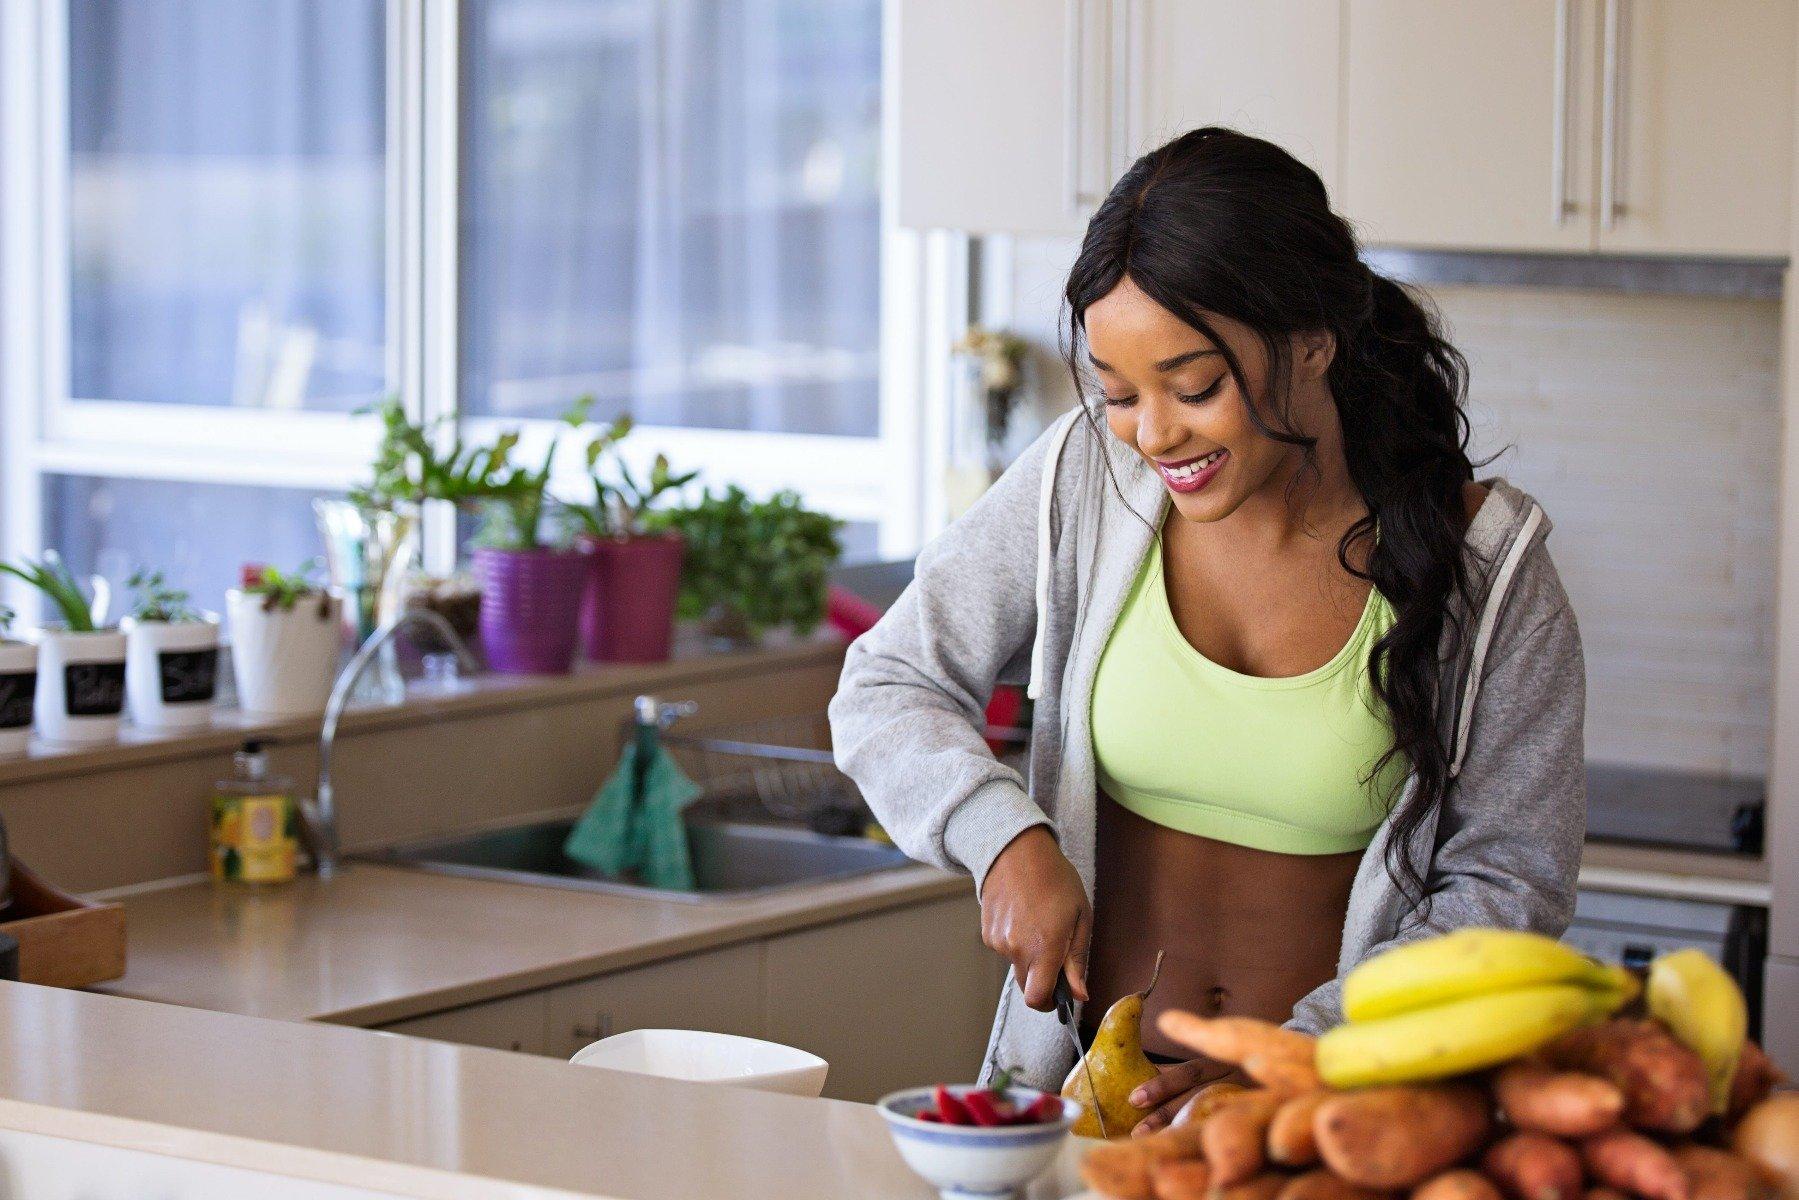 Vaša prehrana/dijeta nije nutritivno uravnotežena